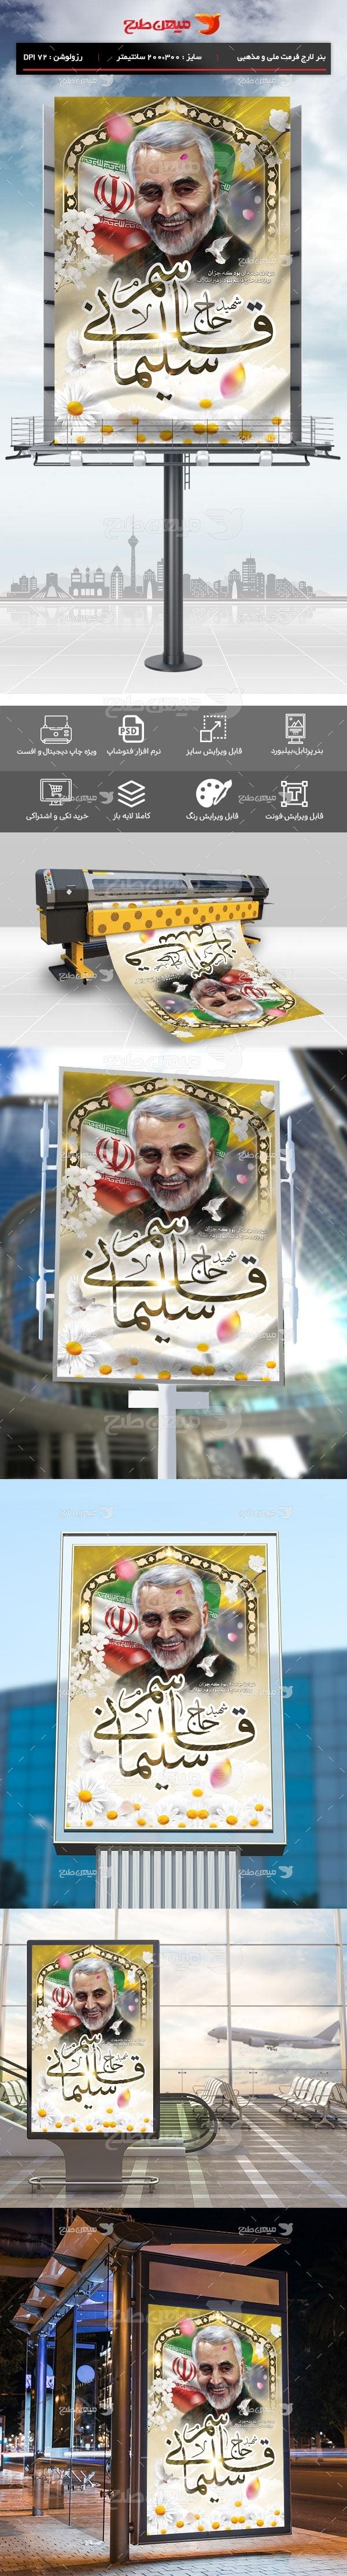 طرح لایه باز بنر شهادت شهید سردار حاج قاسم سلیمانی